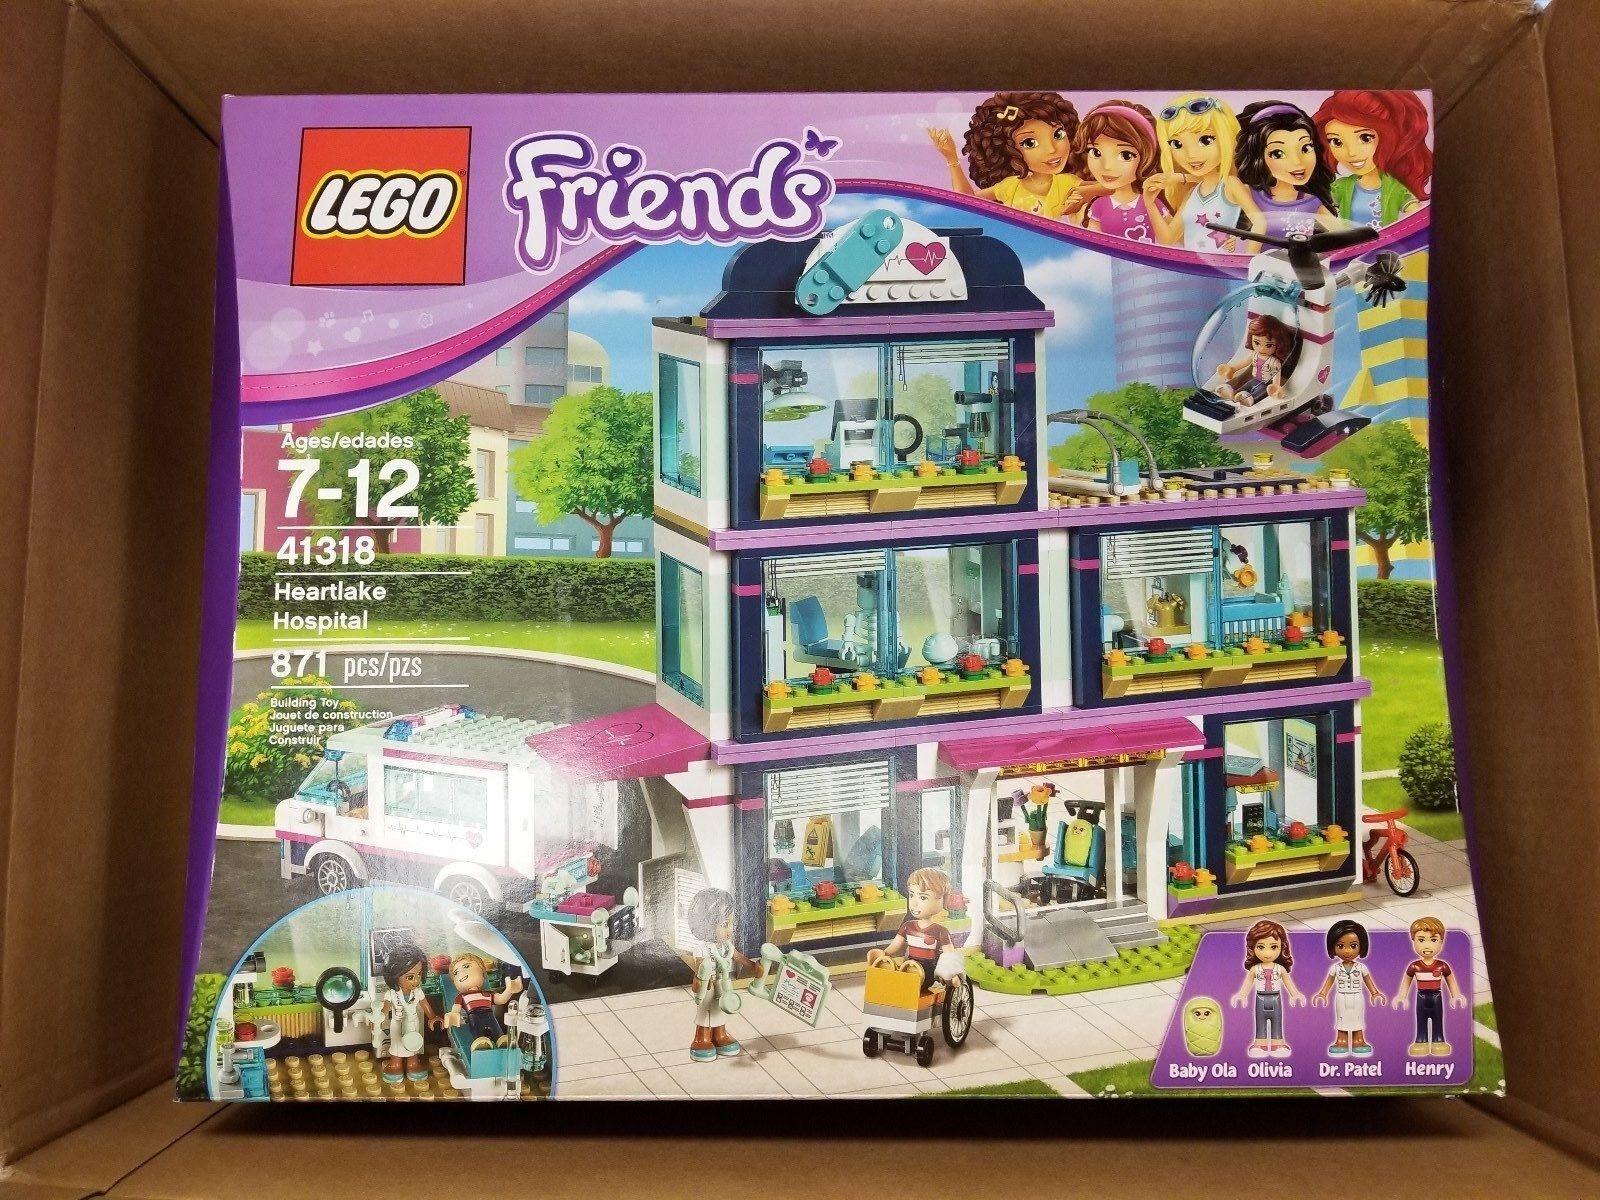 LEGO Friends Heartlake  Hospital (41318) 871 Pcsnouveau In Box Sealed  pas cher et de la mode